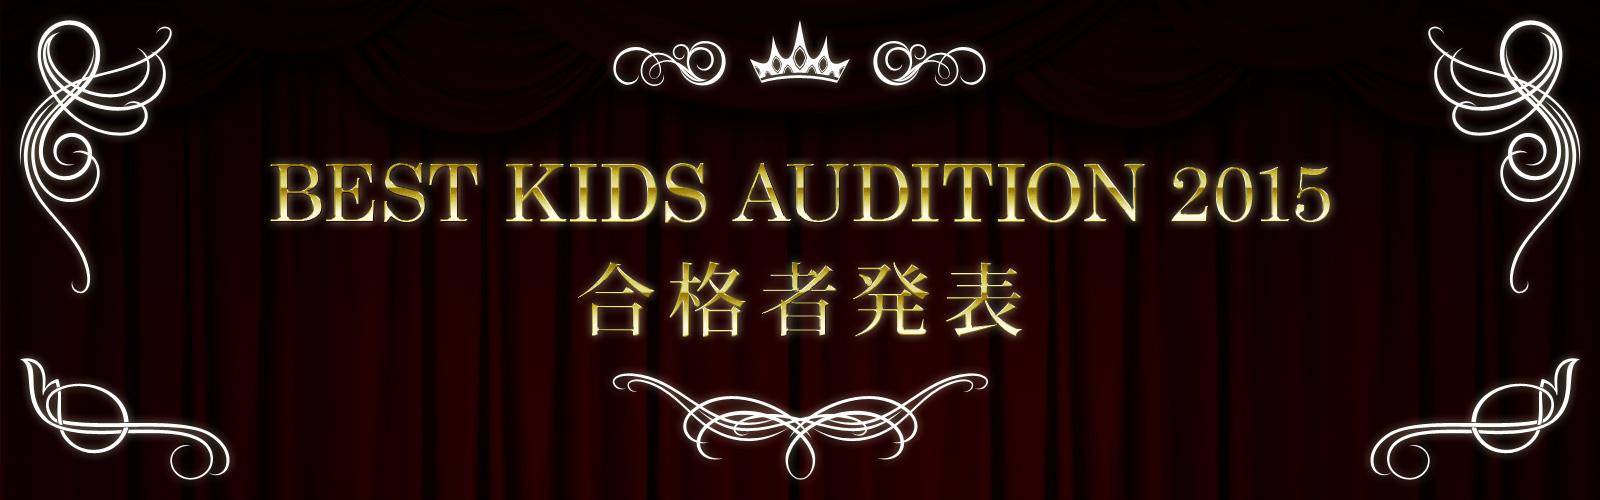 BEST KIDS AUDITION 2015 合格者発表